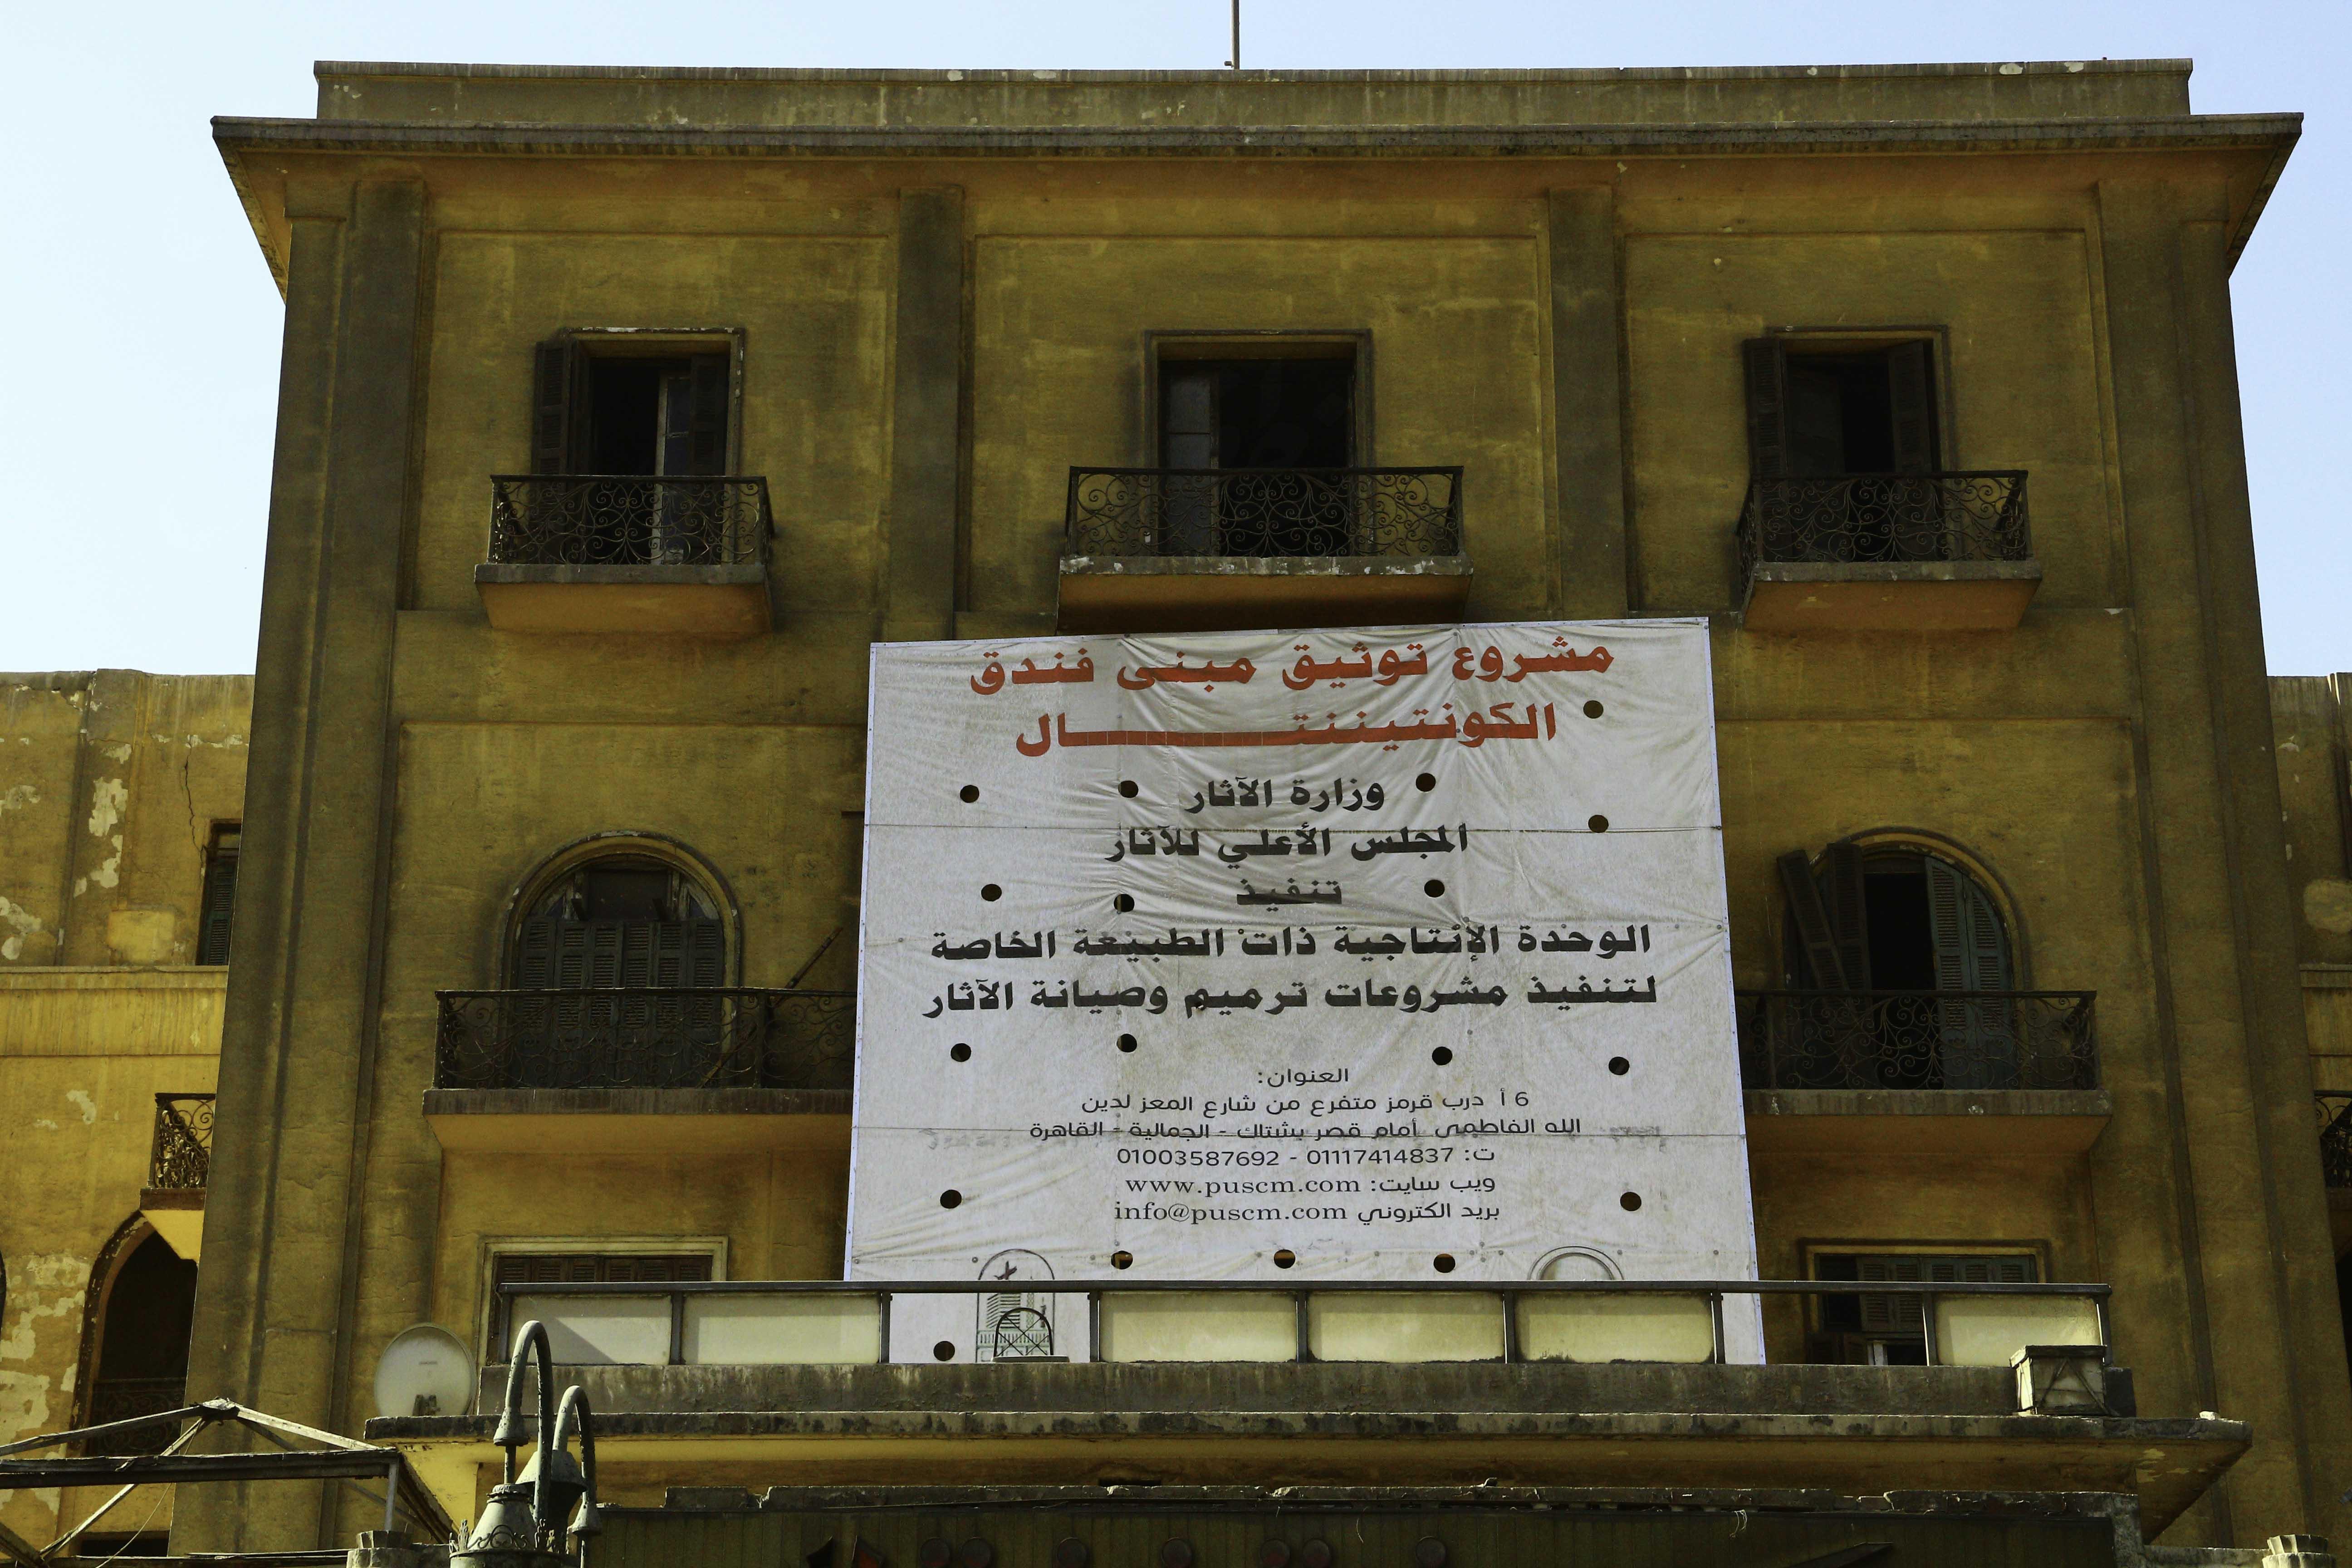 واجهة فندق الكونتننتال بشارع الجمهورية في 18 يناير 2017 - تصوير: صديق البخشونجي